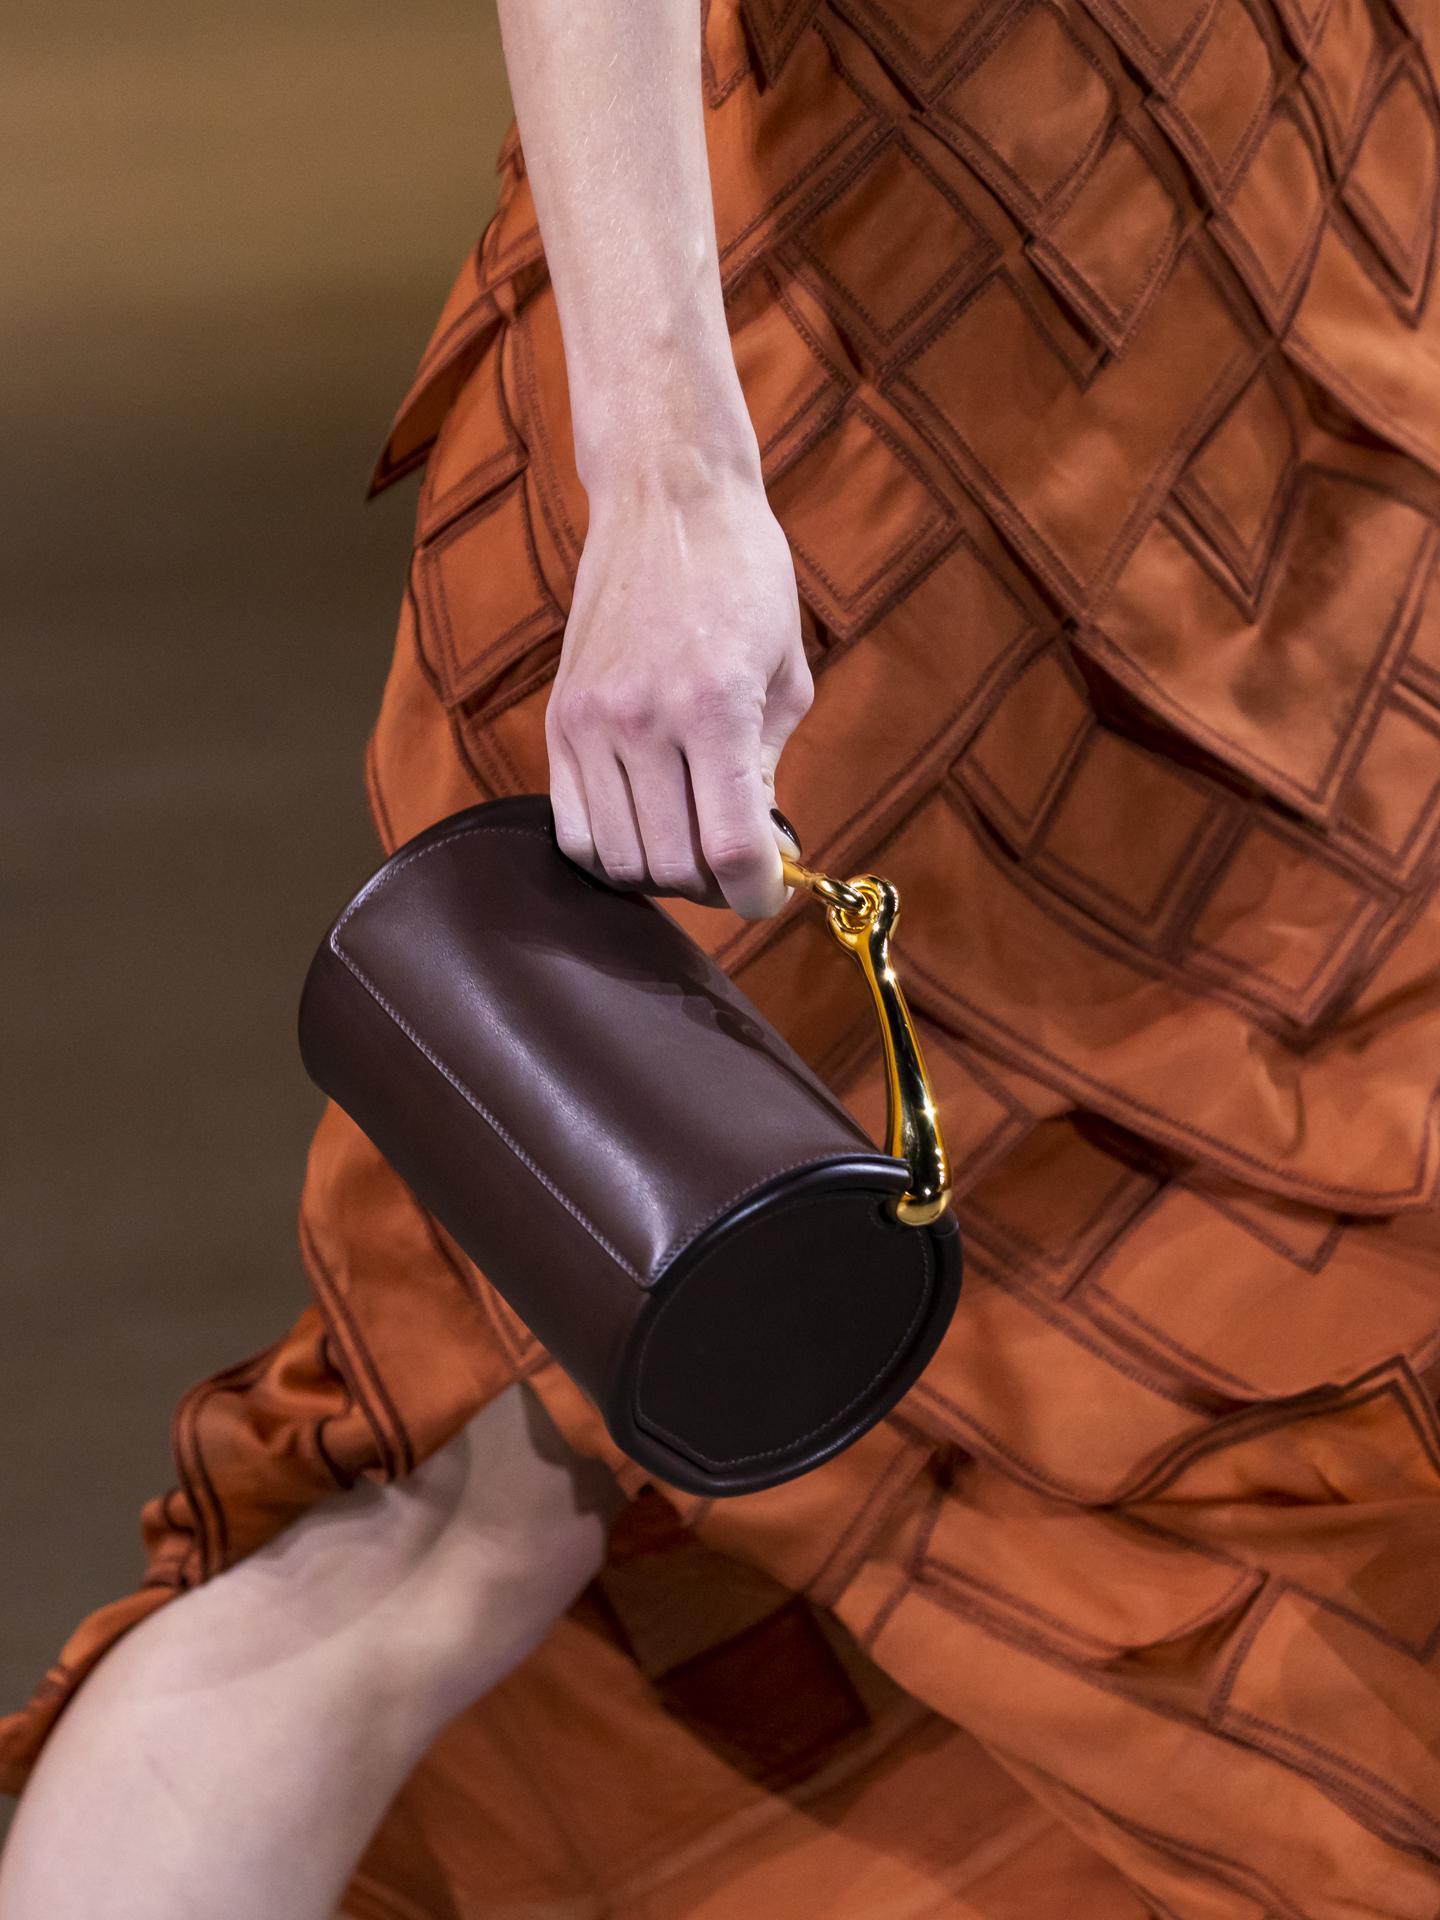 Phụ kiện cũng là điểm nhấn của bộ sưu tập Xuân Hè 2022, trong đó, túi Maximors thu hút giới mộ điệu nhờ thiết kế hình trụ và tay cầm kim loạt.